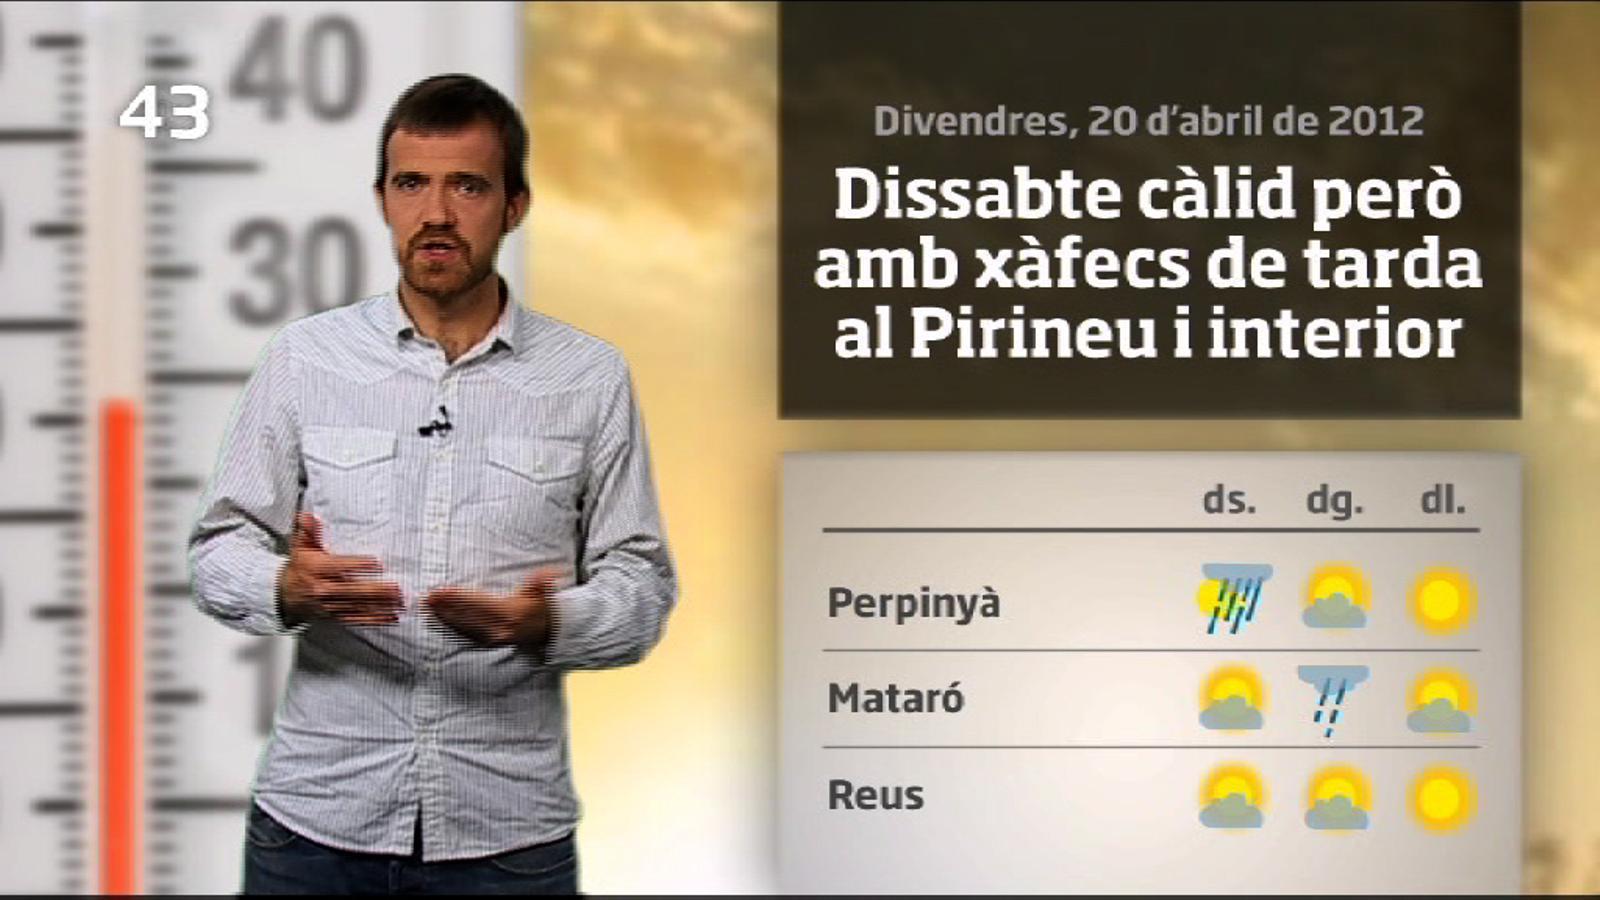 La méteo en 1 minut: cap de setmana insegur, Sant Jordi assolellat (21/04/2012)